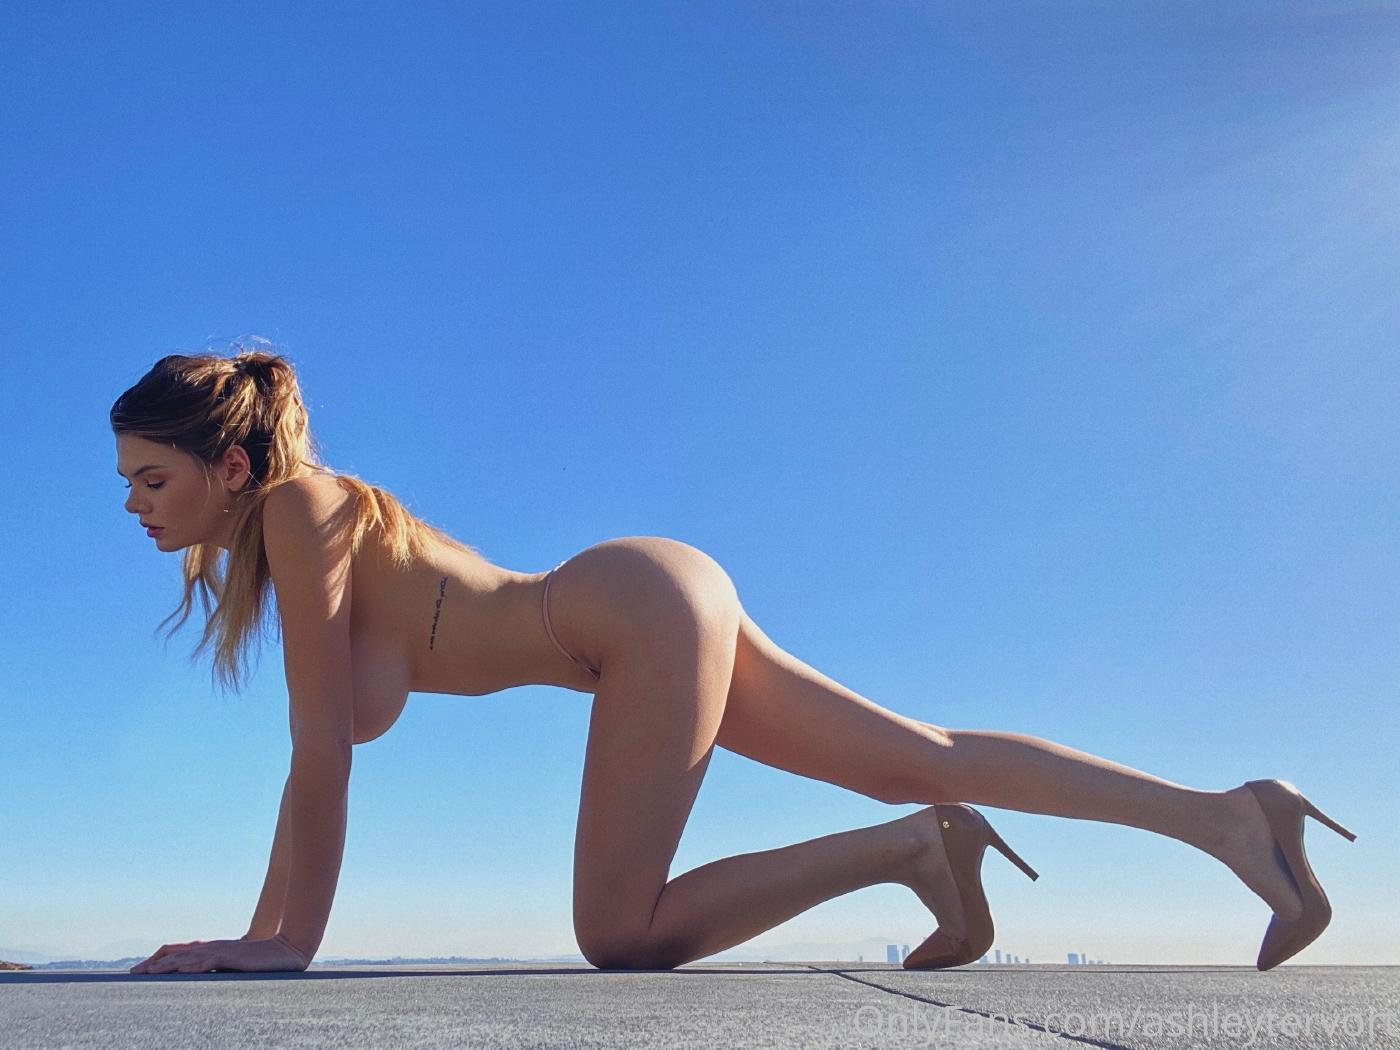 Ashley Tervort High Heels Nip Slip Onlyfans Set Leaked 0001